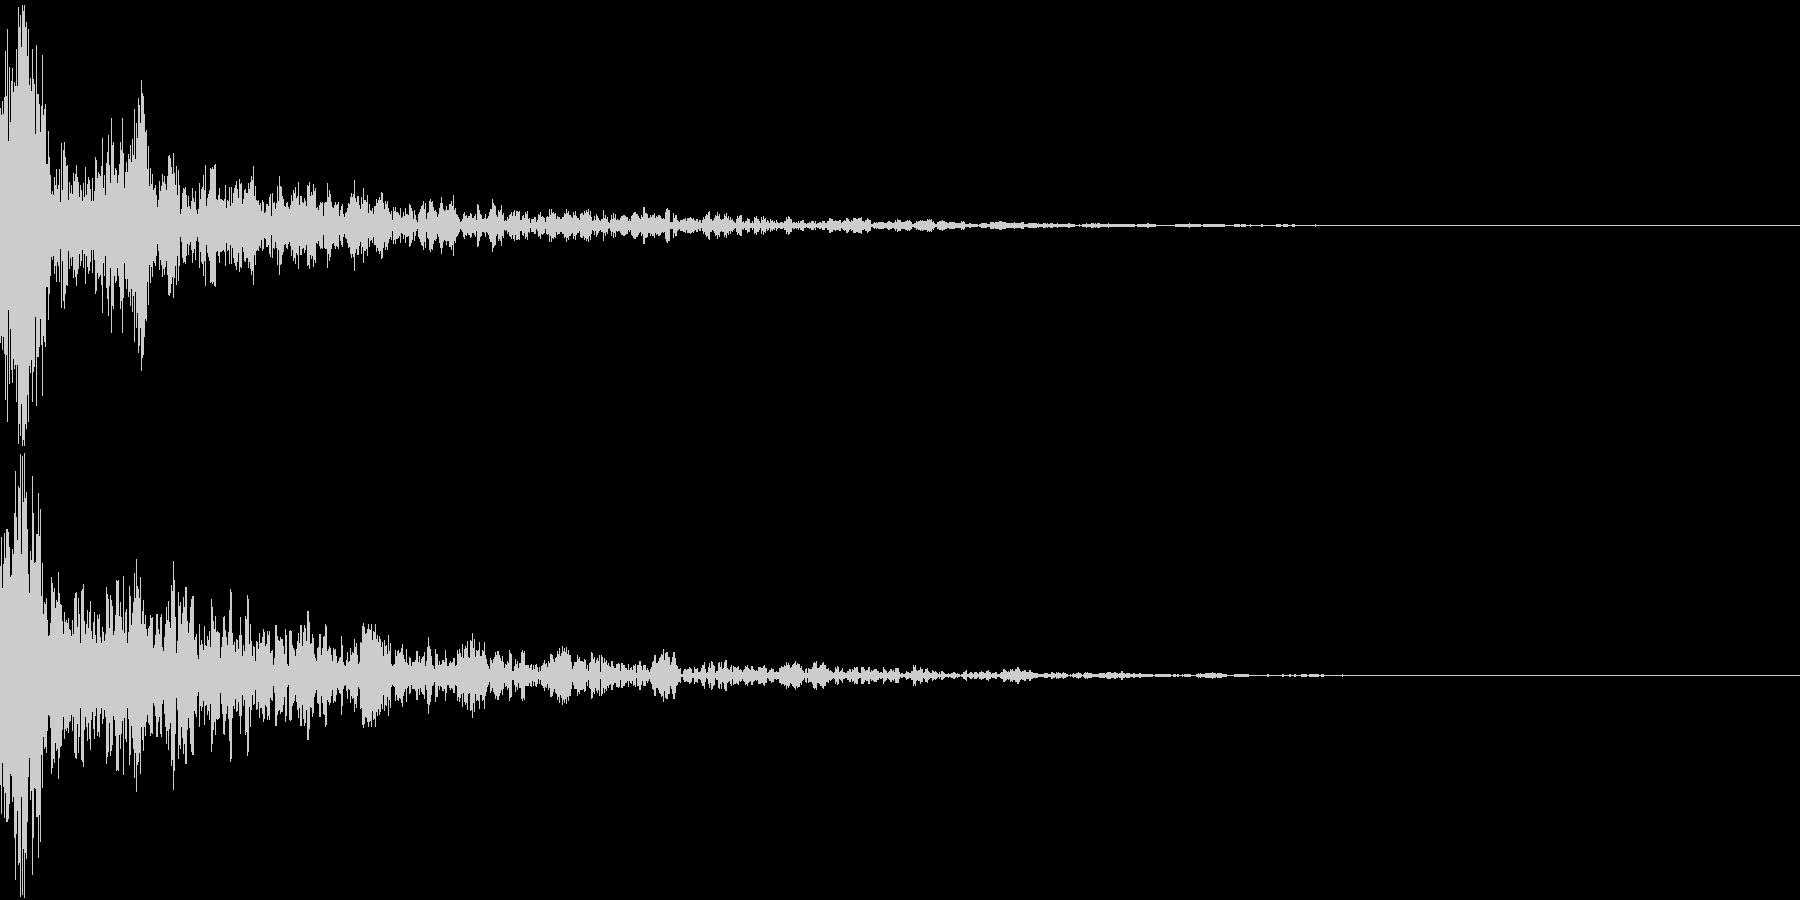 ドーン-14-2(インパクト音)の未再生の波形